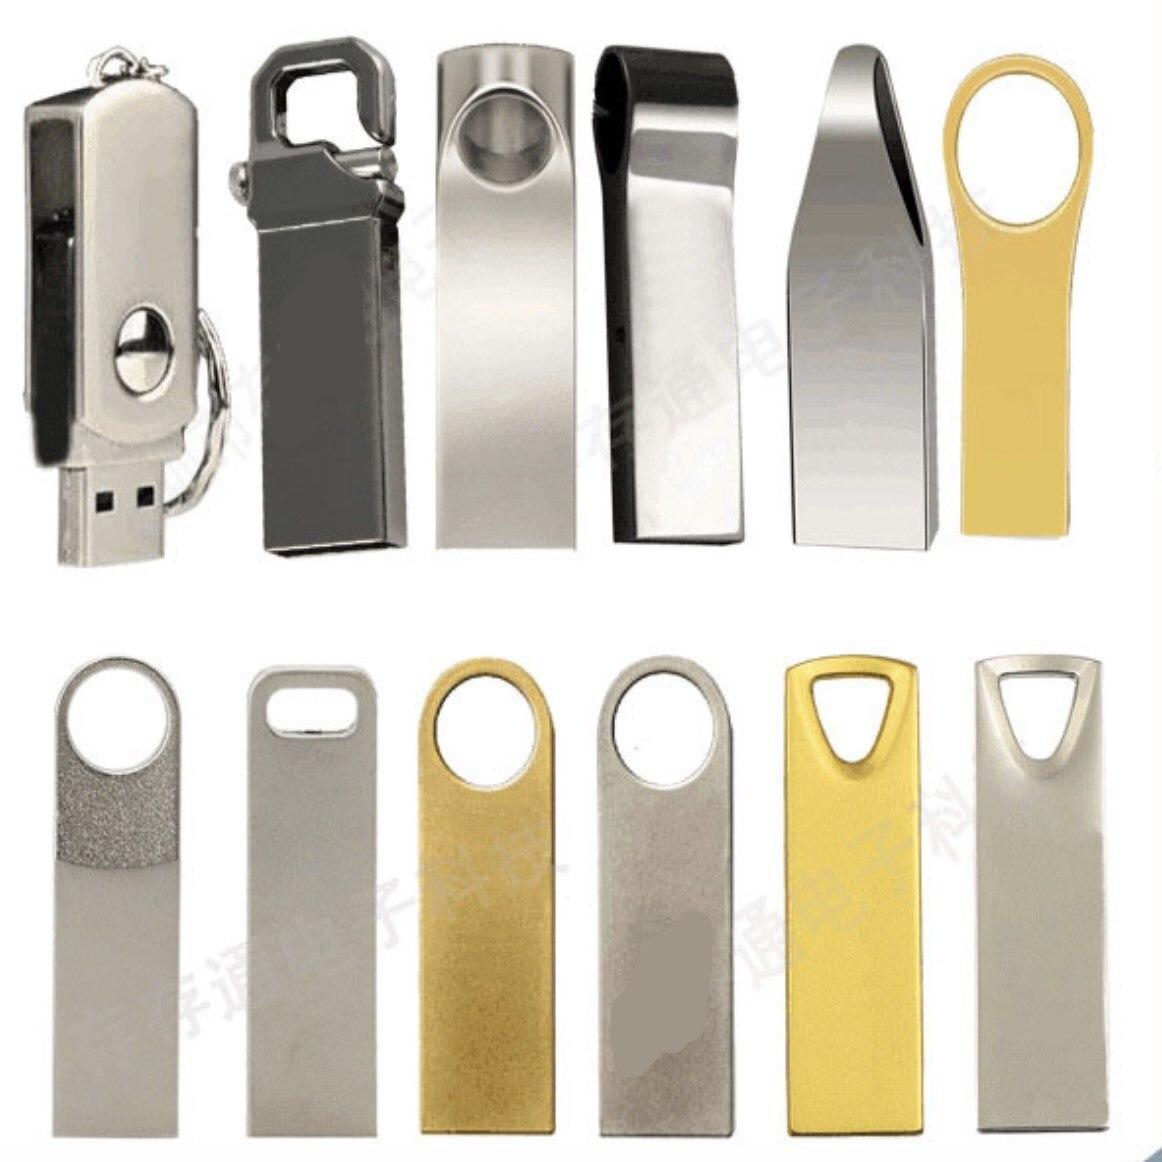 Usb vara 1tb tiger buckle usb unidade do telefone móvel otg rotativa u disco unidade usb atualizar expansão 2tb flash drive